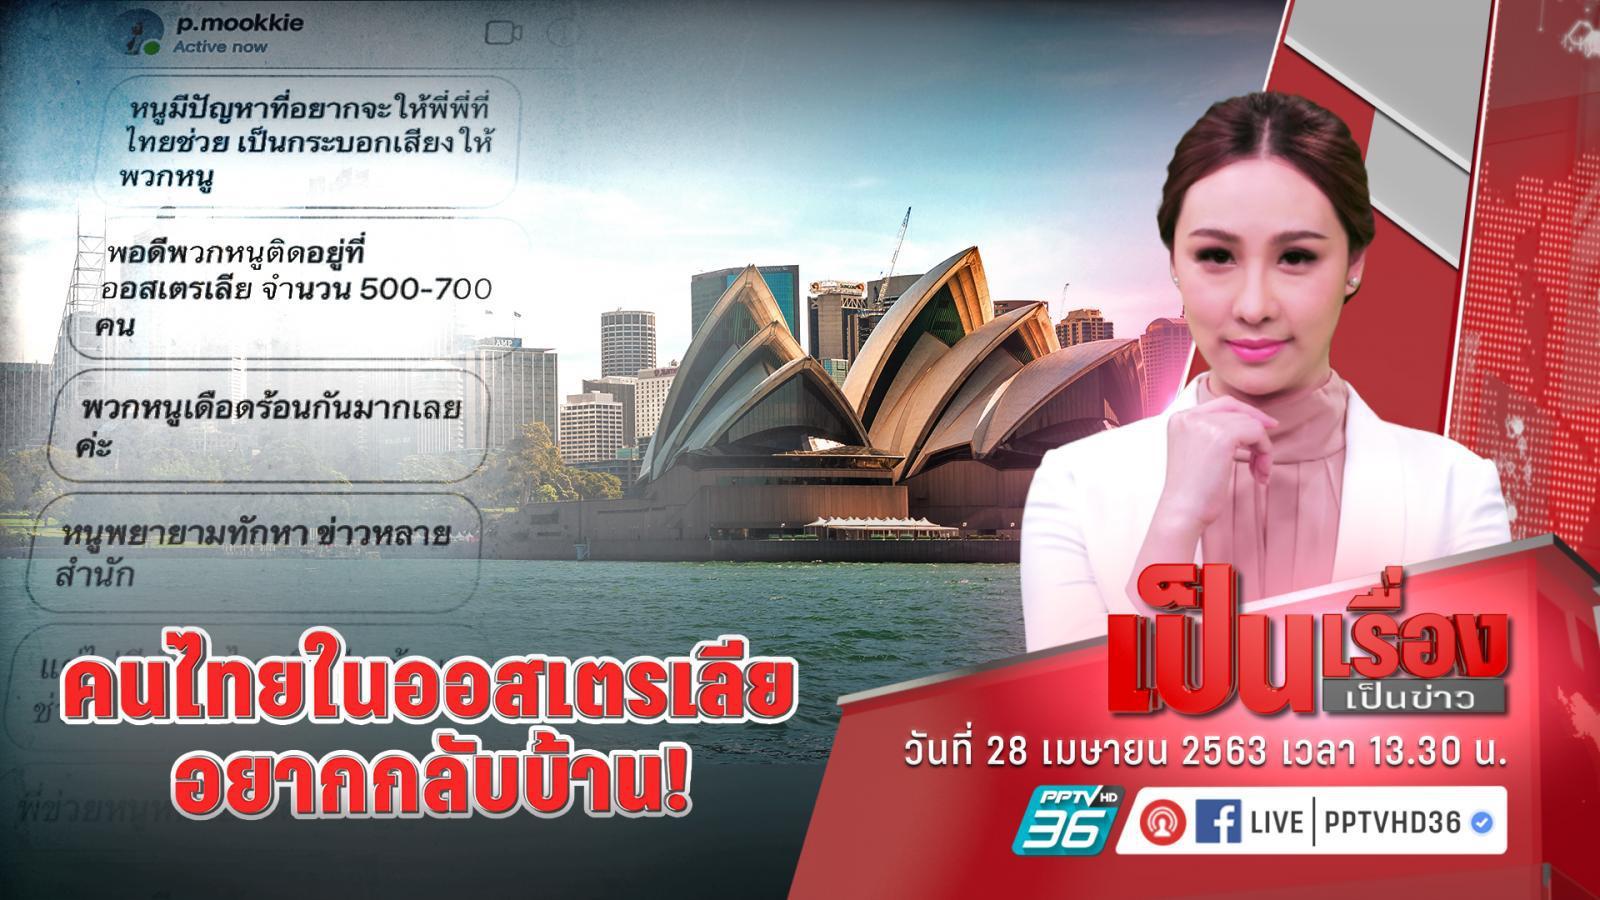 คนไทยในออสเตรเลีย อยากกลับบ้าน!